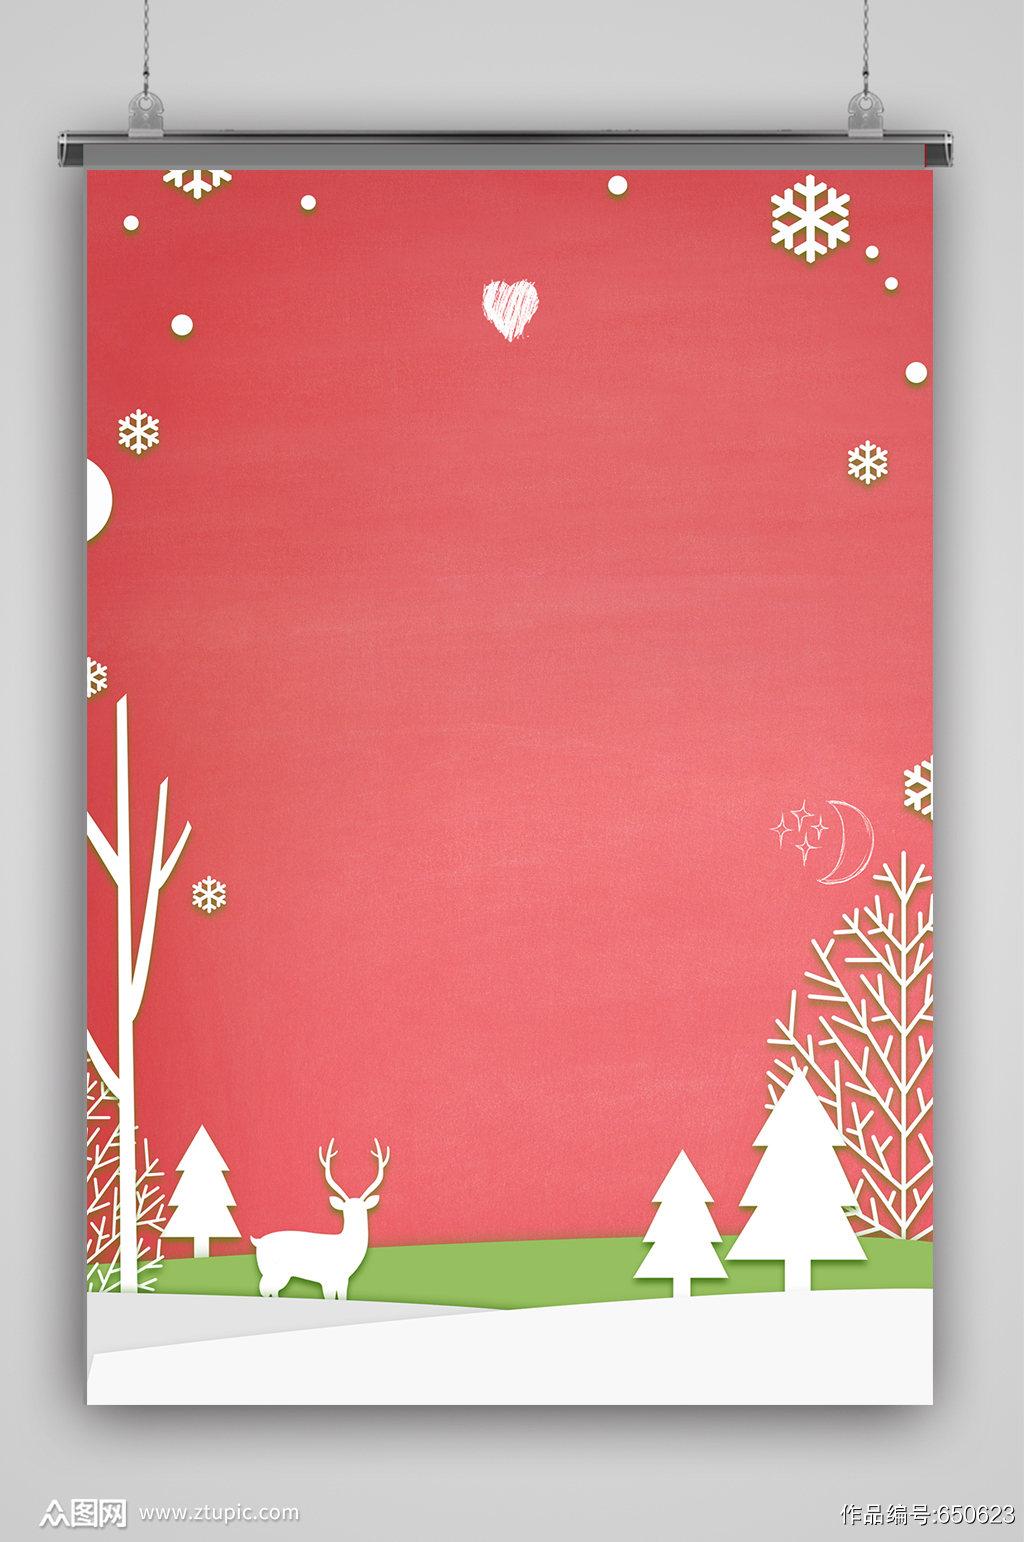 卡通剪纸圣诞雪花海报背景素材